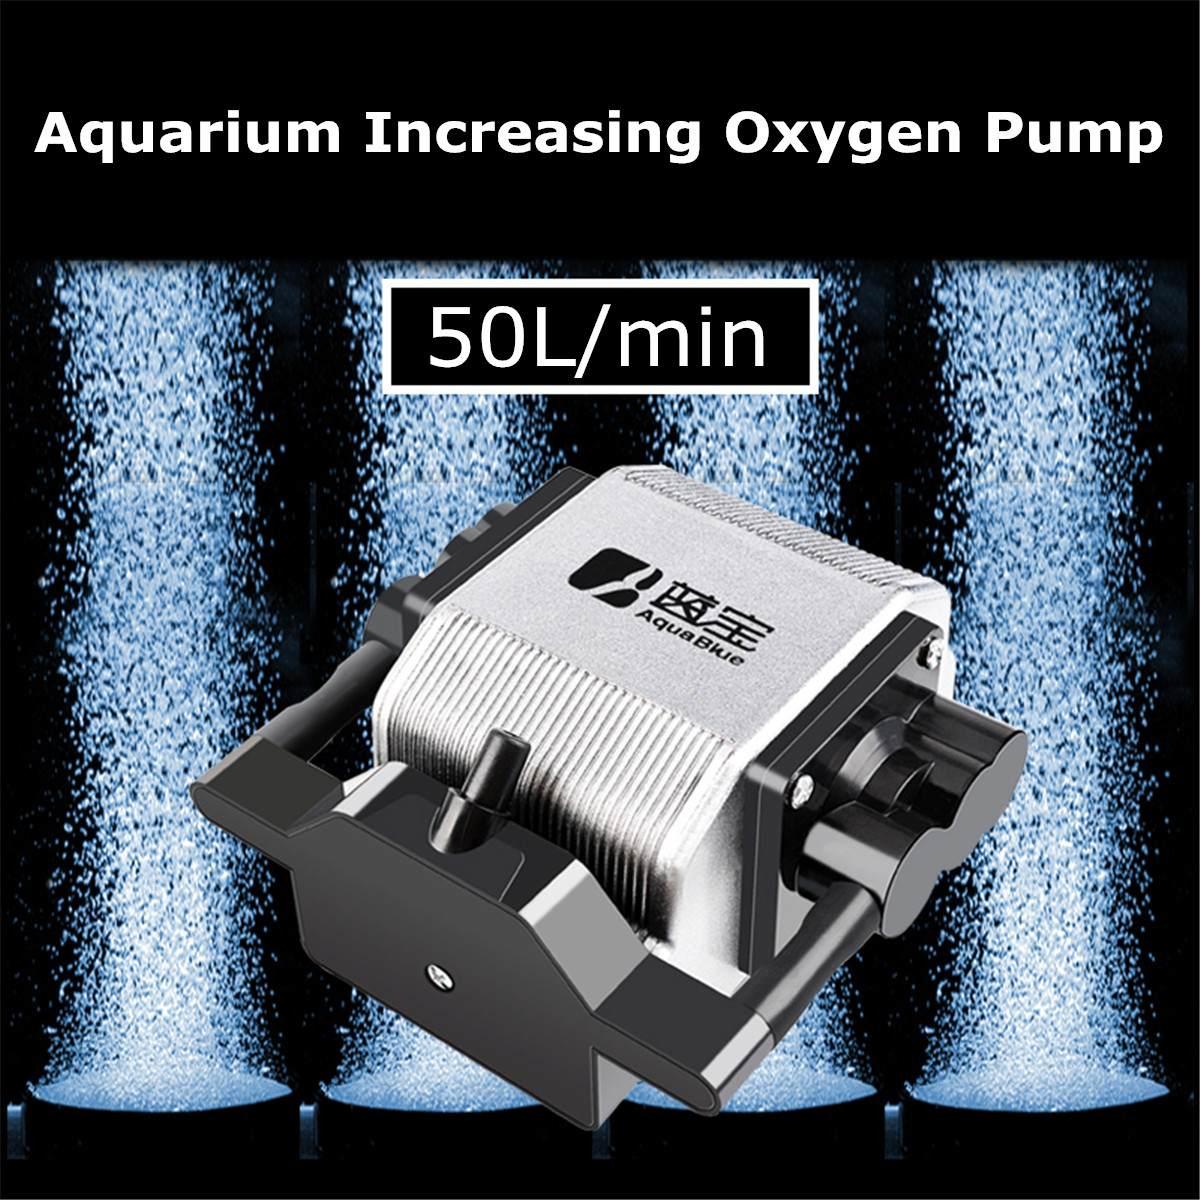 50L/min High Energy Efficient Aquarium Increasing Oxygen Fish Tank Air Pump UltraSilent Air Compressor For Aquarium Accessories